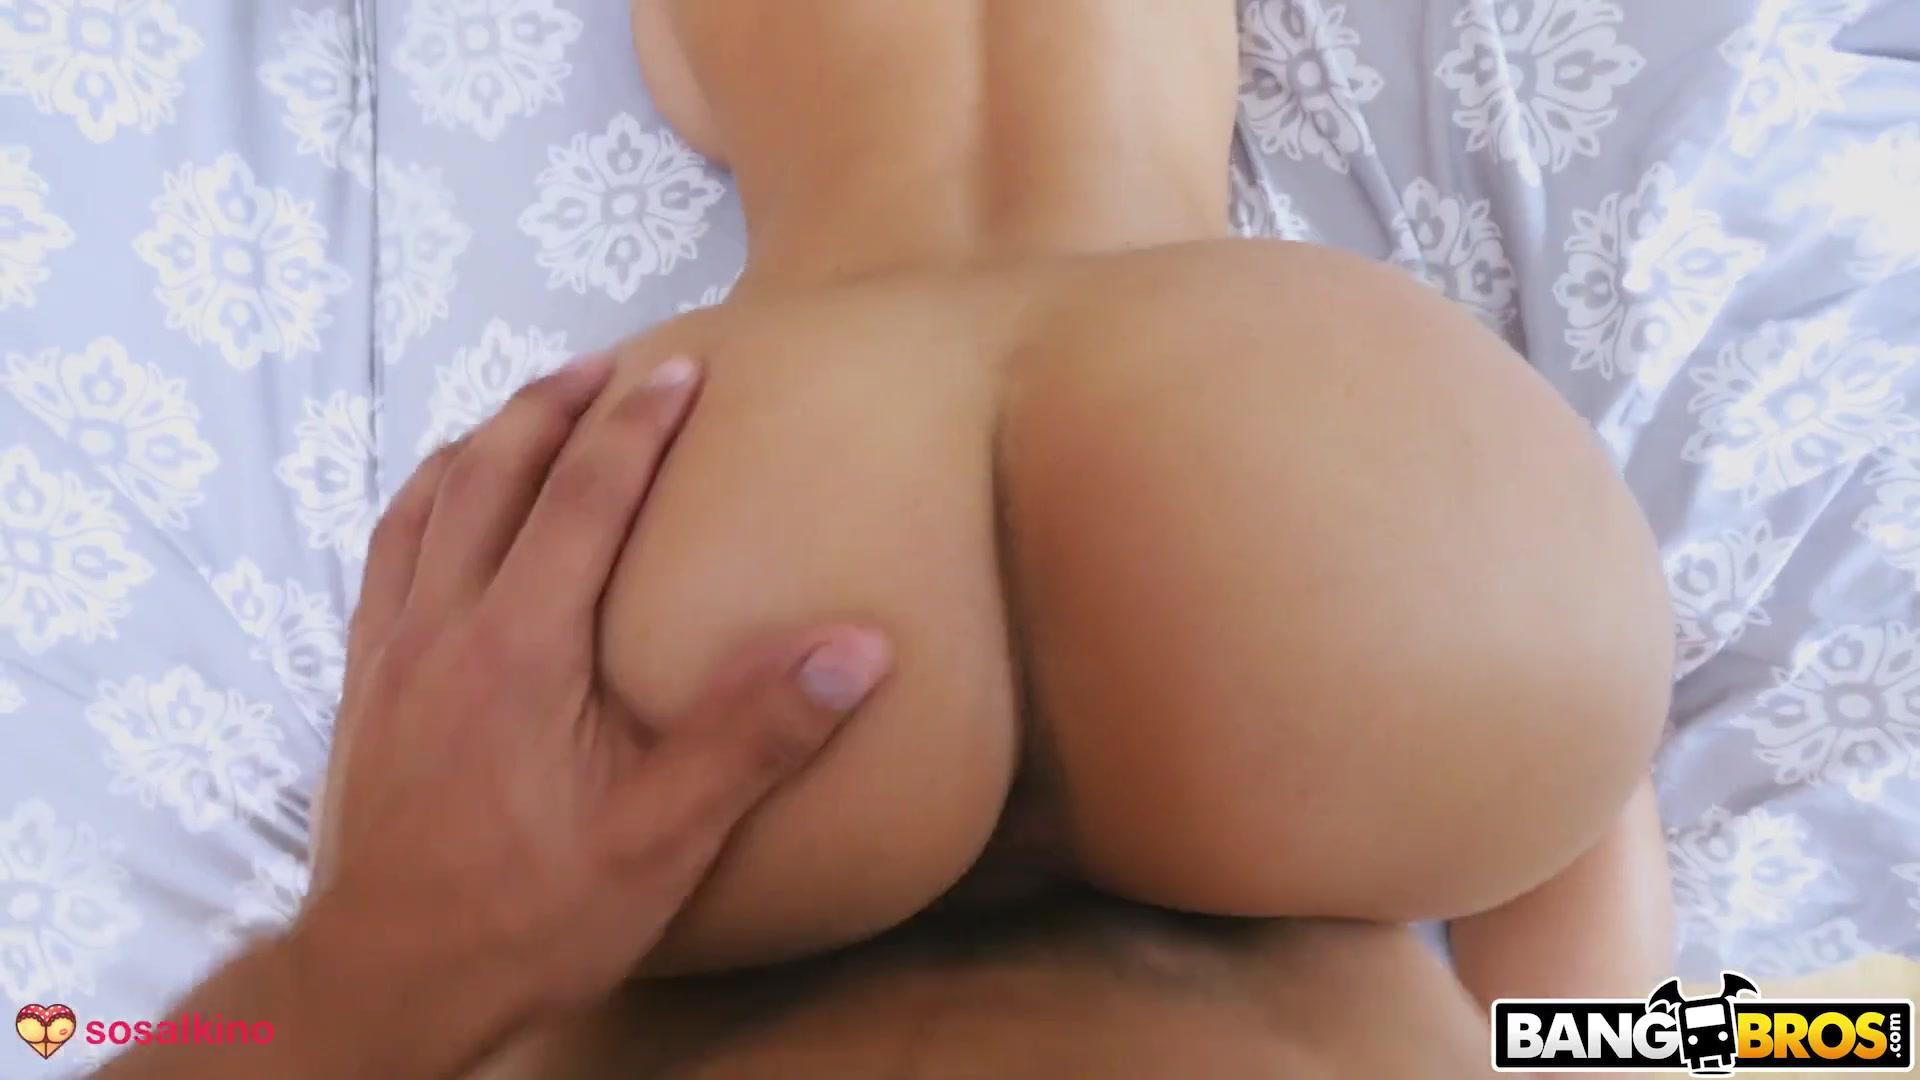 Смотреть порно алиса на гинекологическом кресле